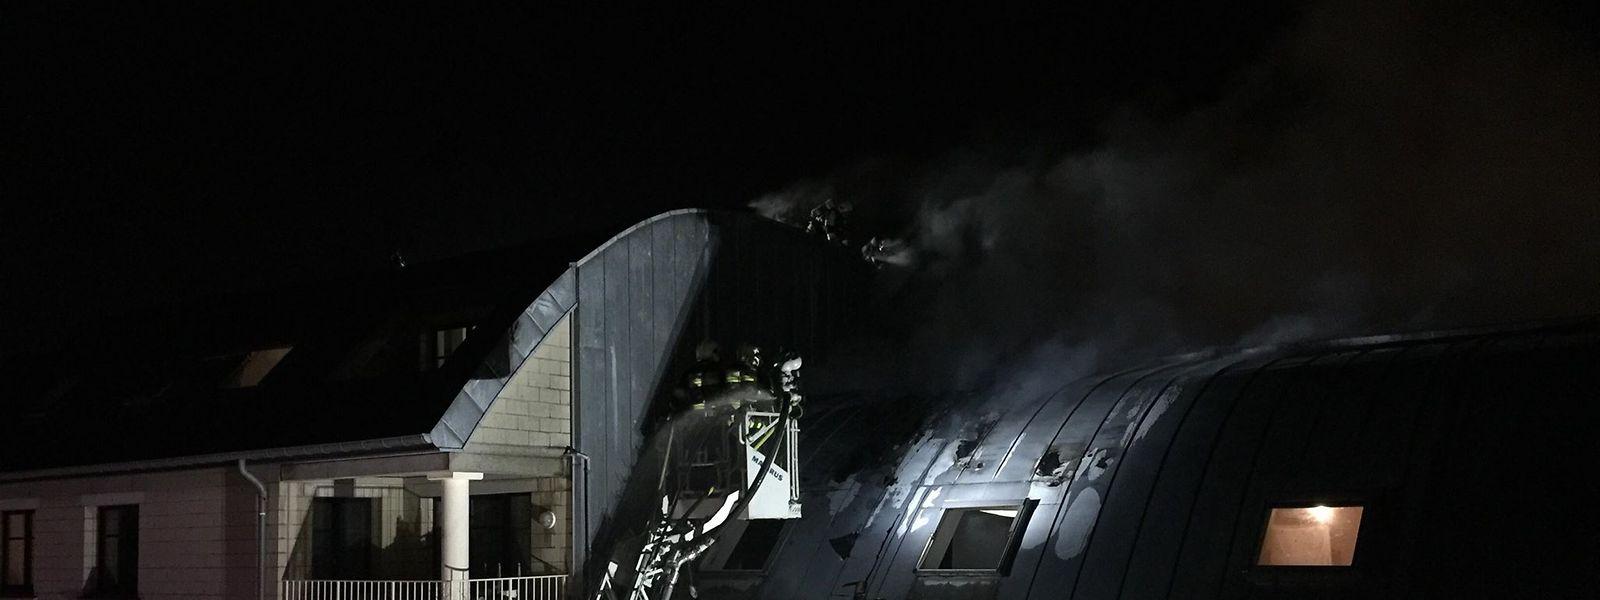 Die Feuerwehr gelangt per Drehleiter zur betroffenen Wohnung.